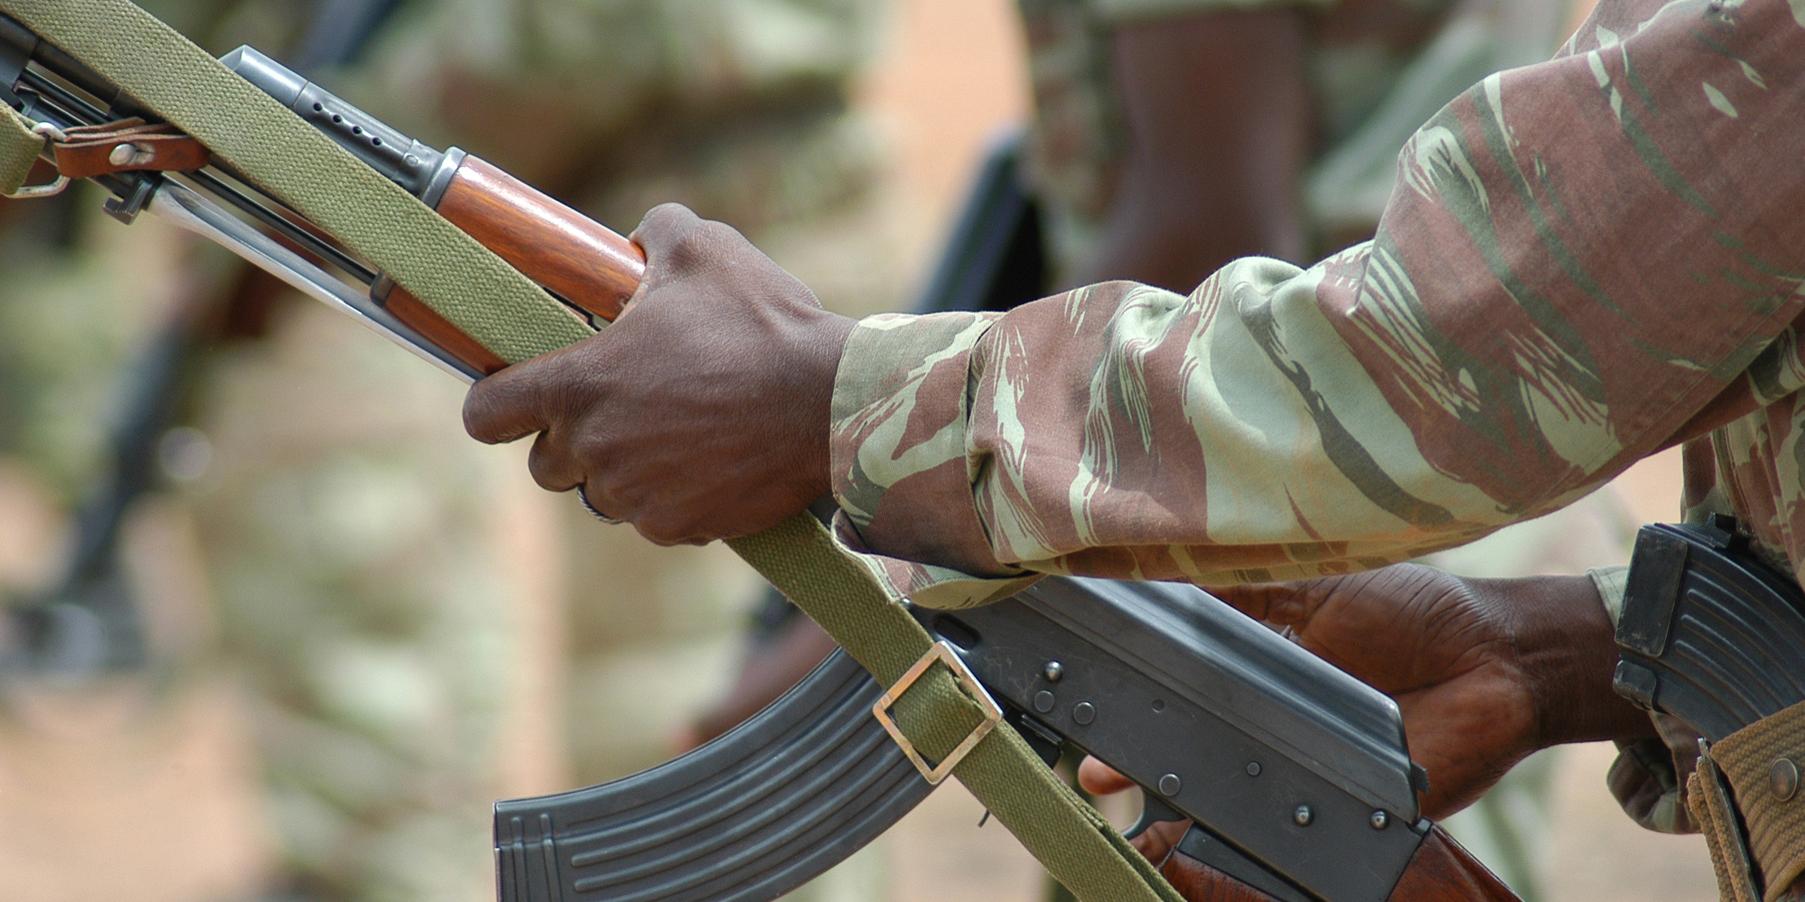 L'armée nigériane accusée d'avoir massacré 350 civils musulmans